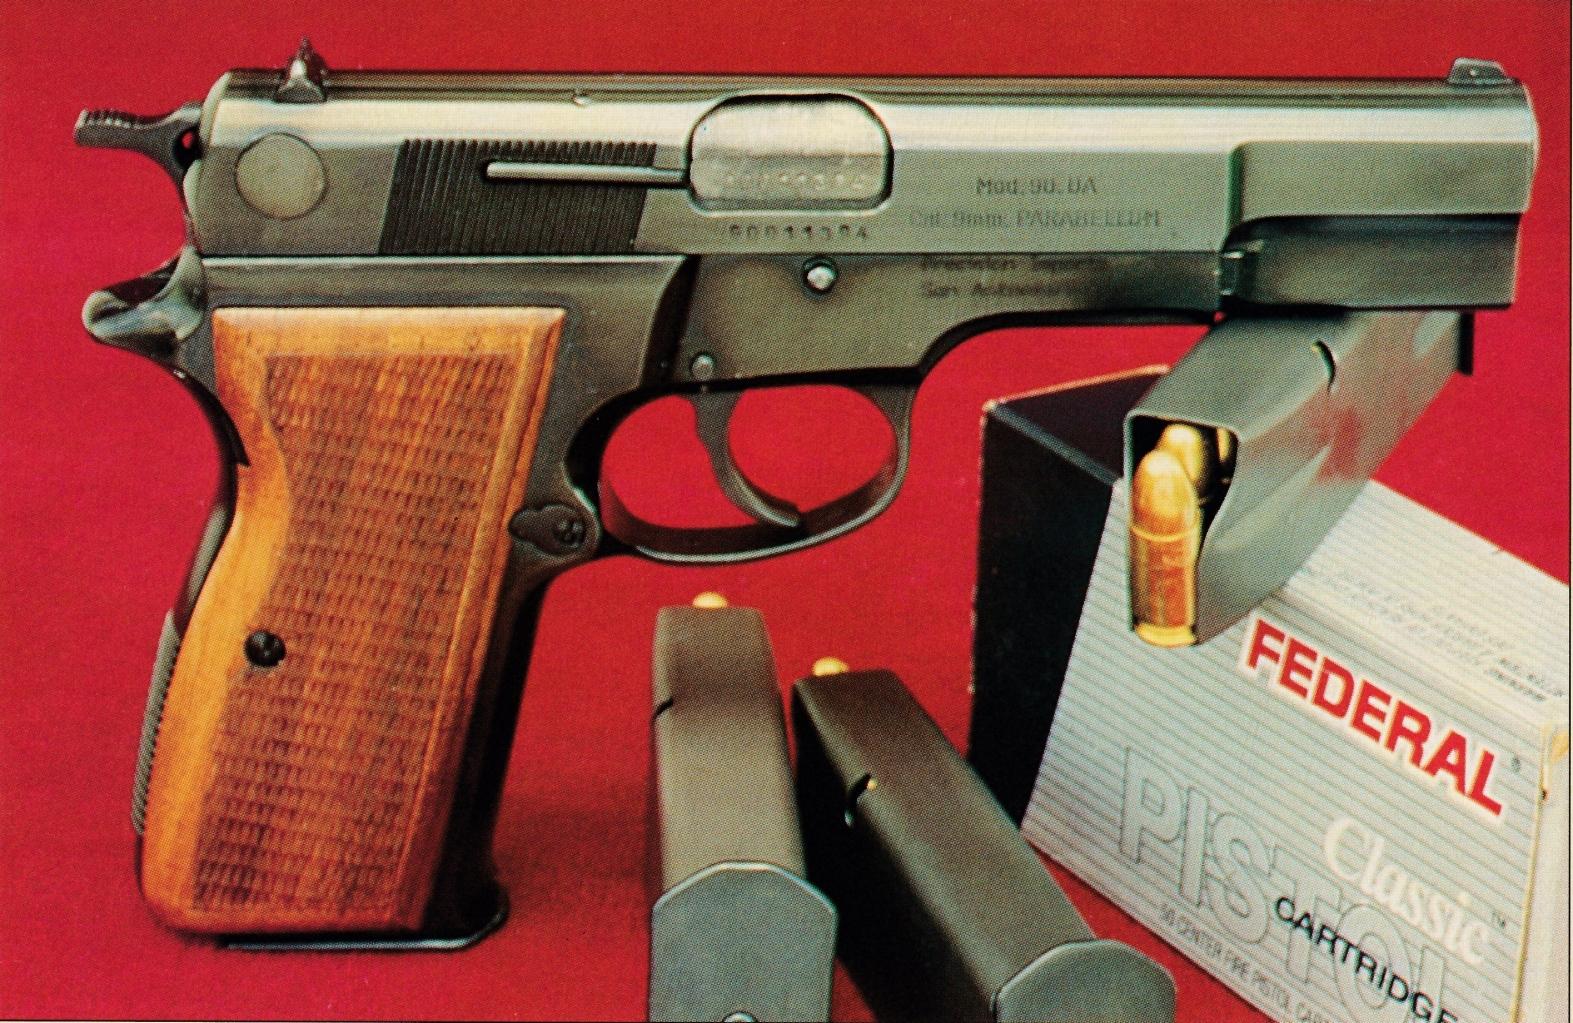 Si le Mauser emprunte au GP 35 (version de 1973 modèle 1001 « Vigilante ») sa hausse de type combat et son chien allégé par un trou central, il se démarque notamment par son levier de sûreté de type « decocker ».